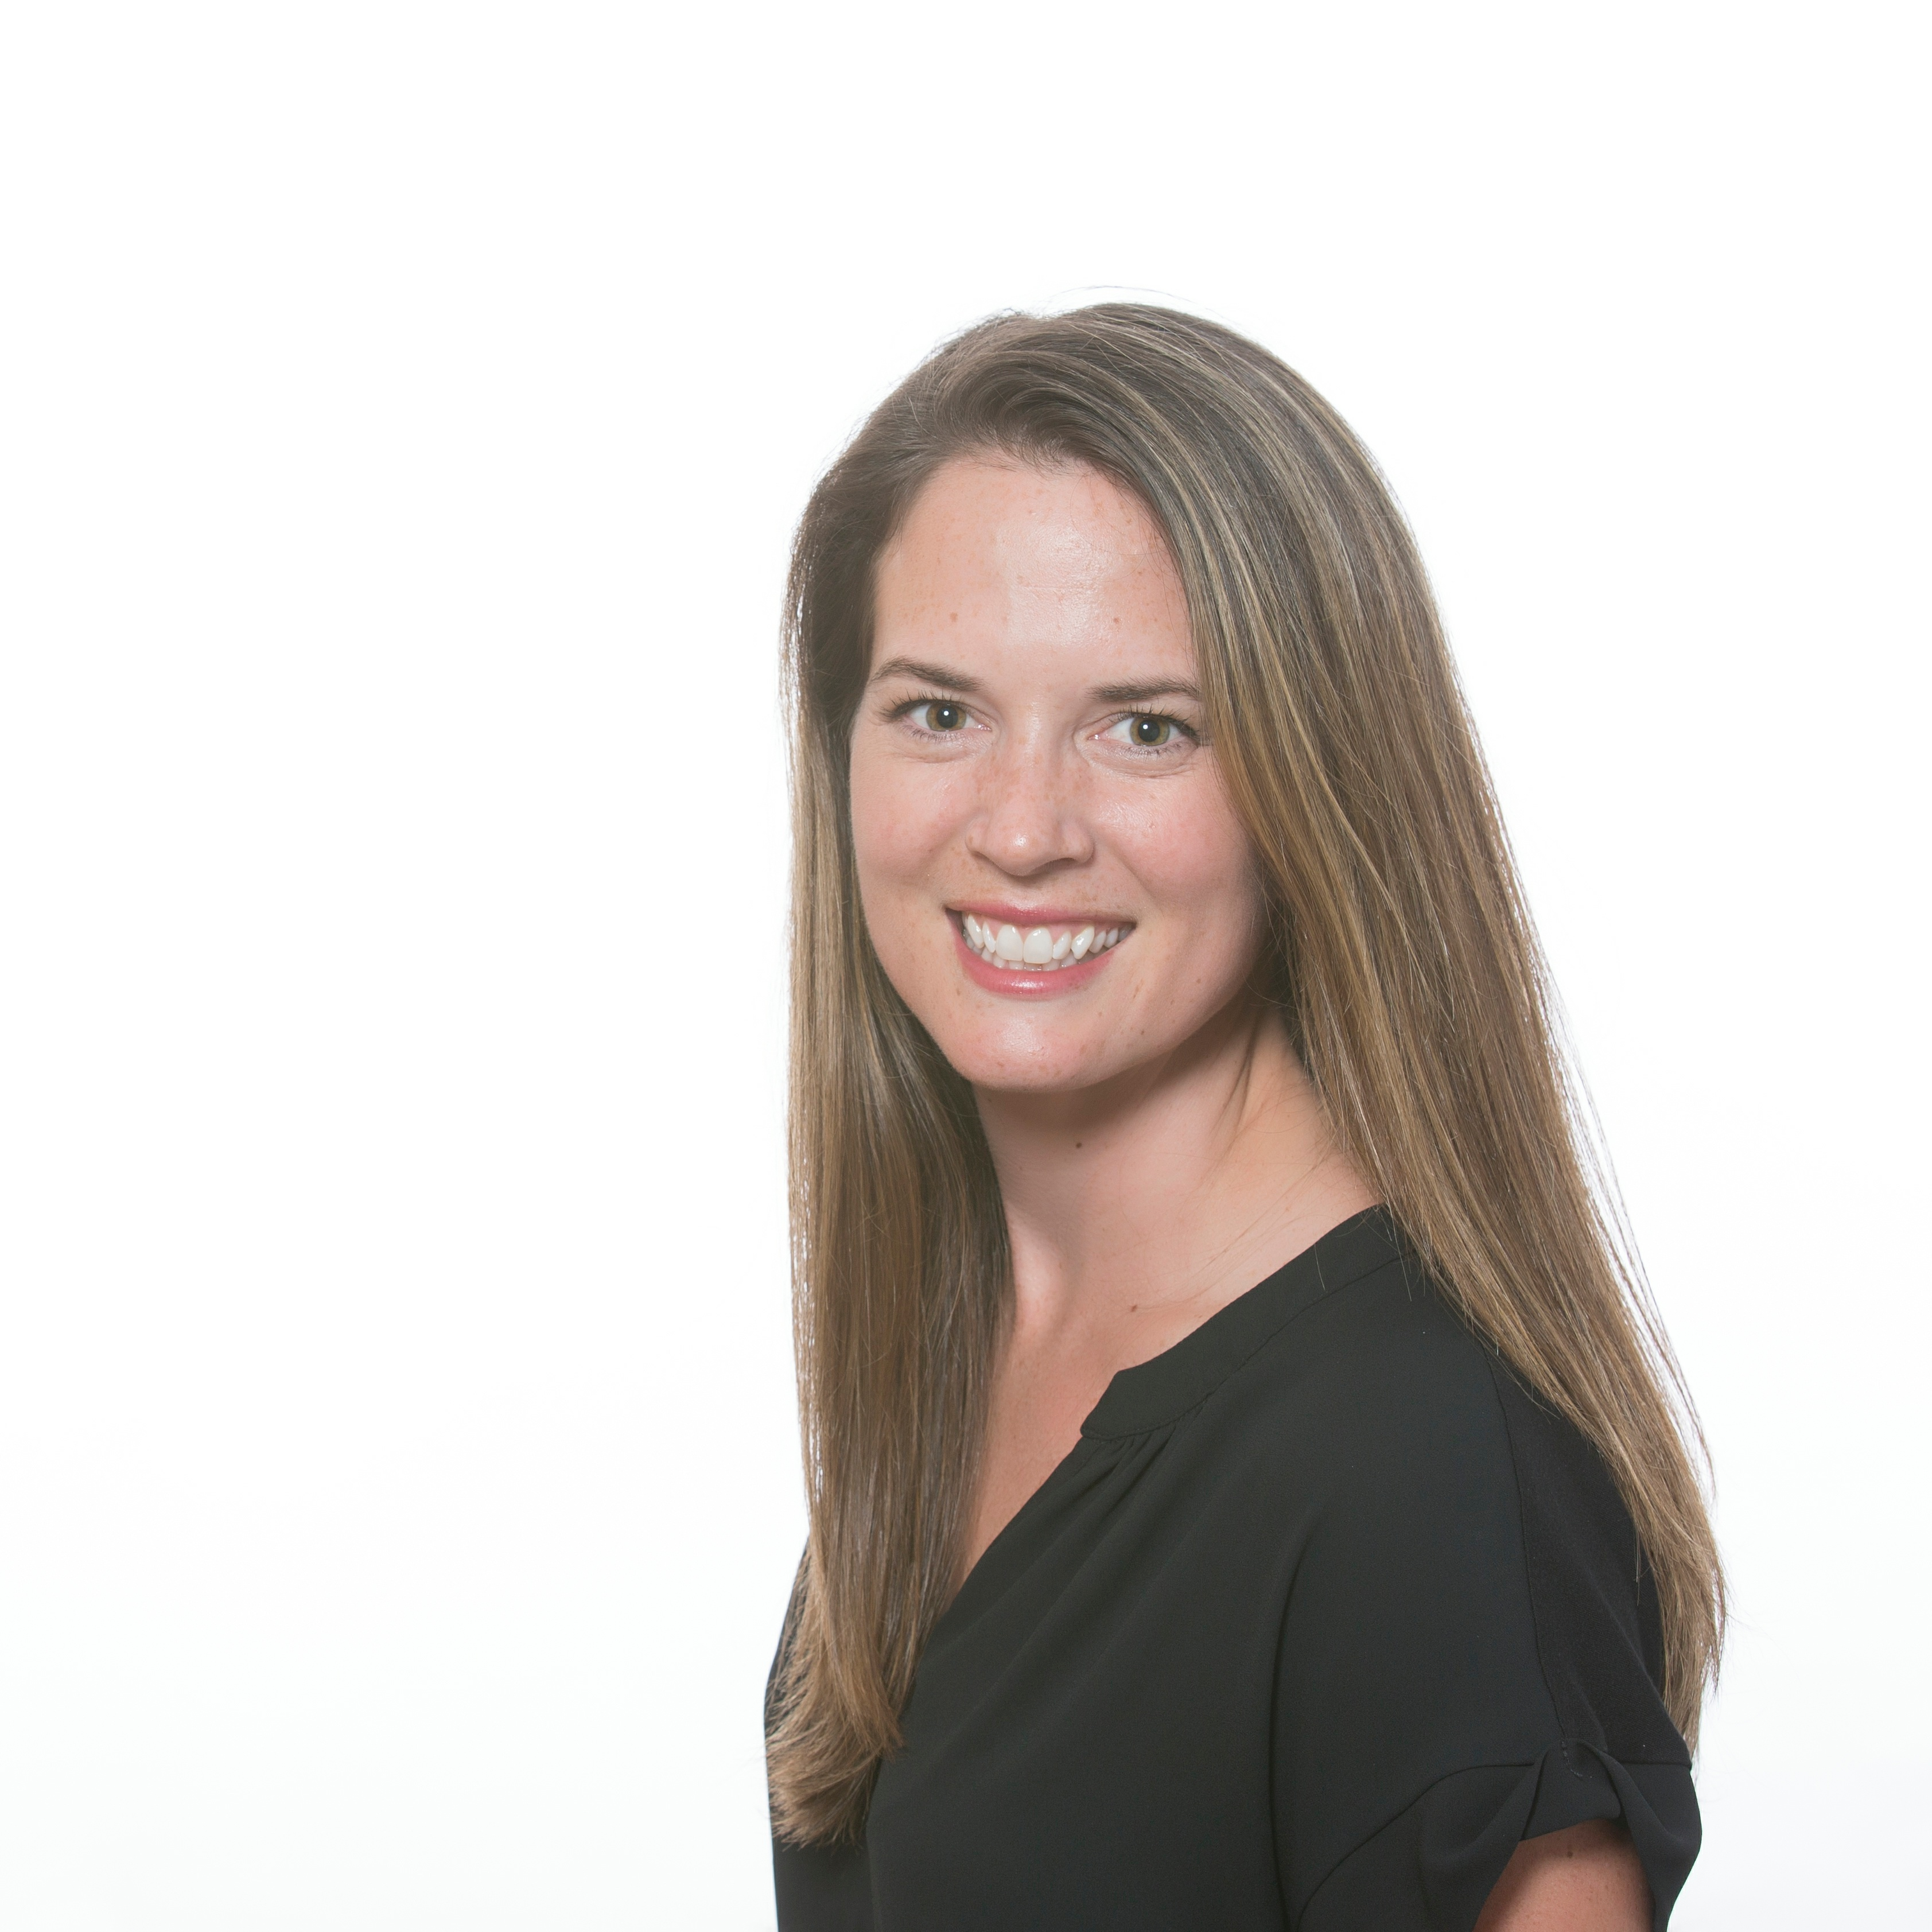 Lauren Decker